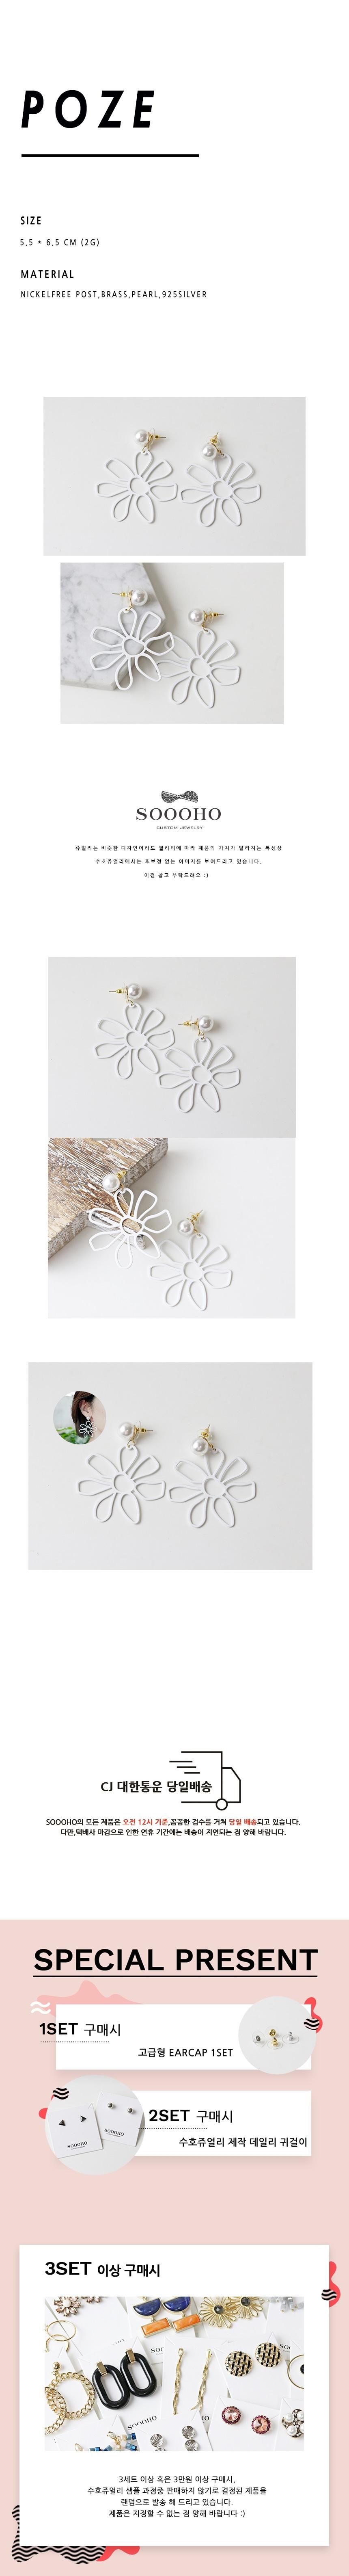 poze 925실버 화이트 플라워 볼드 드롭 바캉스룩 꽃귀걸이 - 수호쥬얼리, 15,500원, 진주/원석, 드롭귀걸이